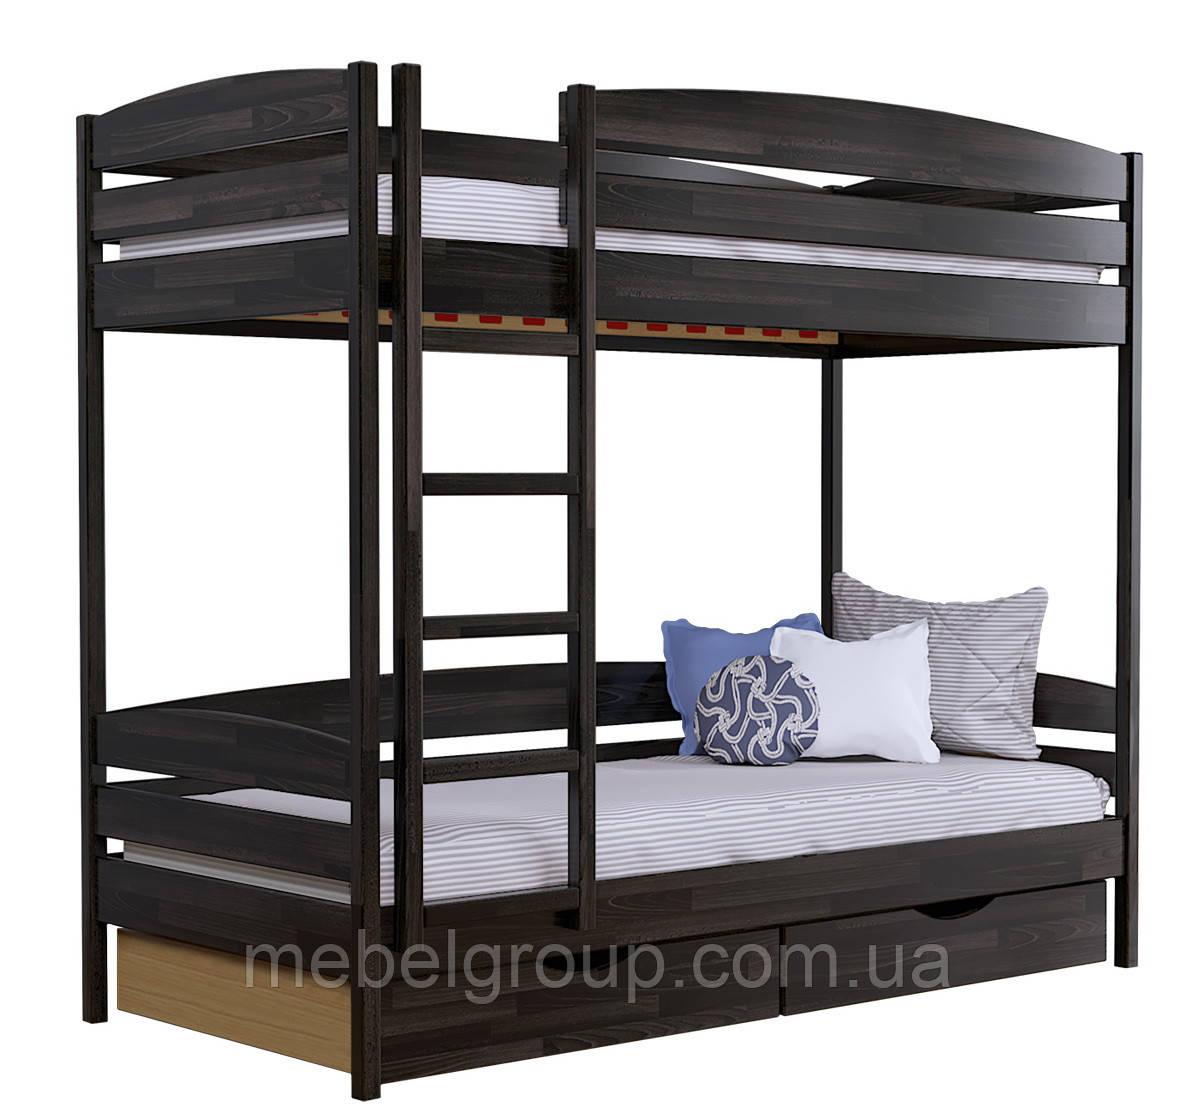 Двухъярусная кровать Дует Плюс Щит, с ящиками ДСП